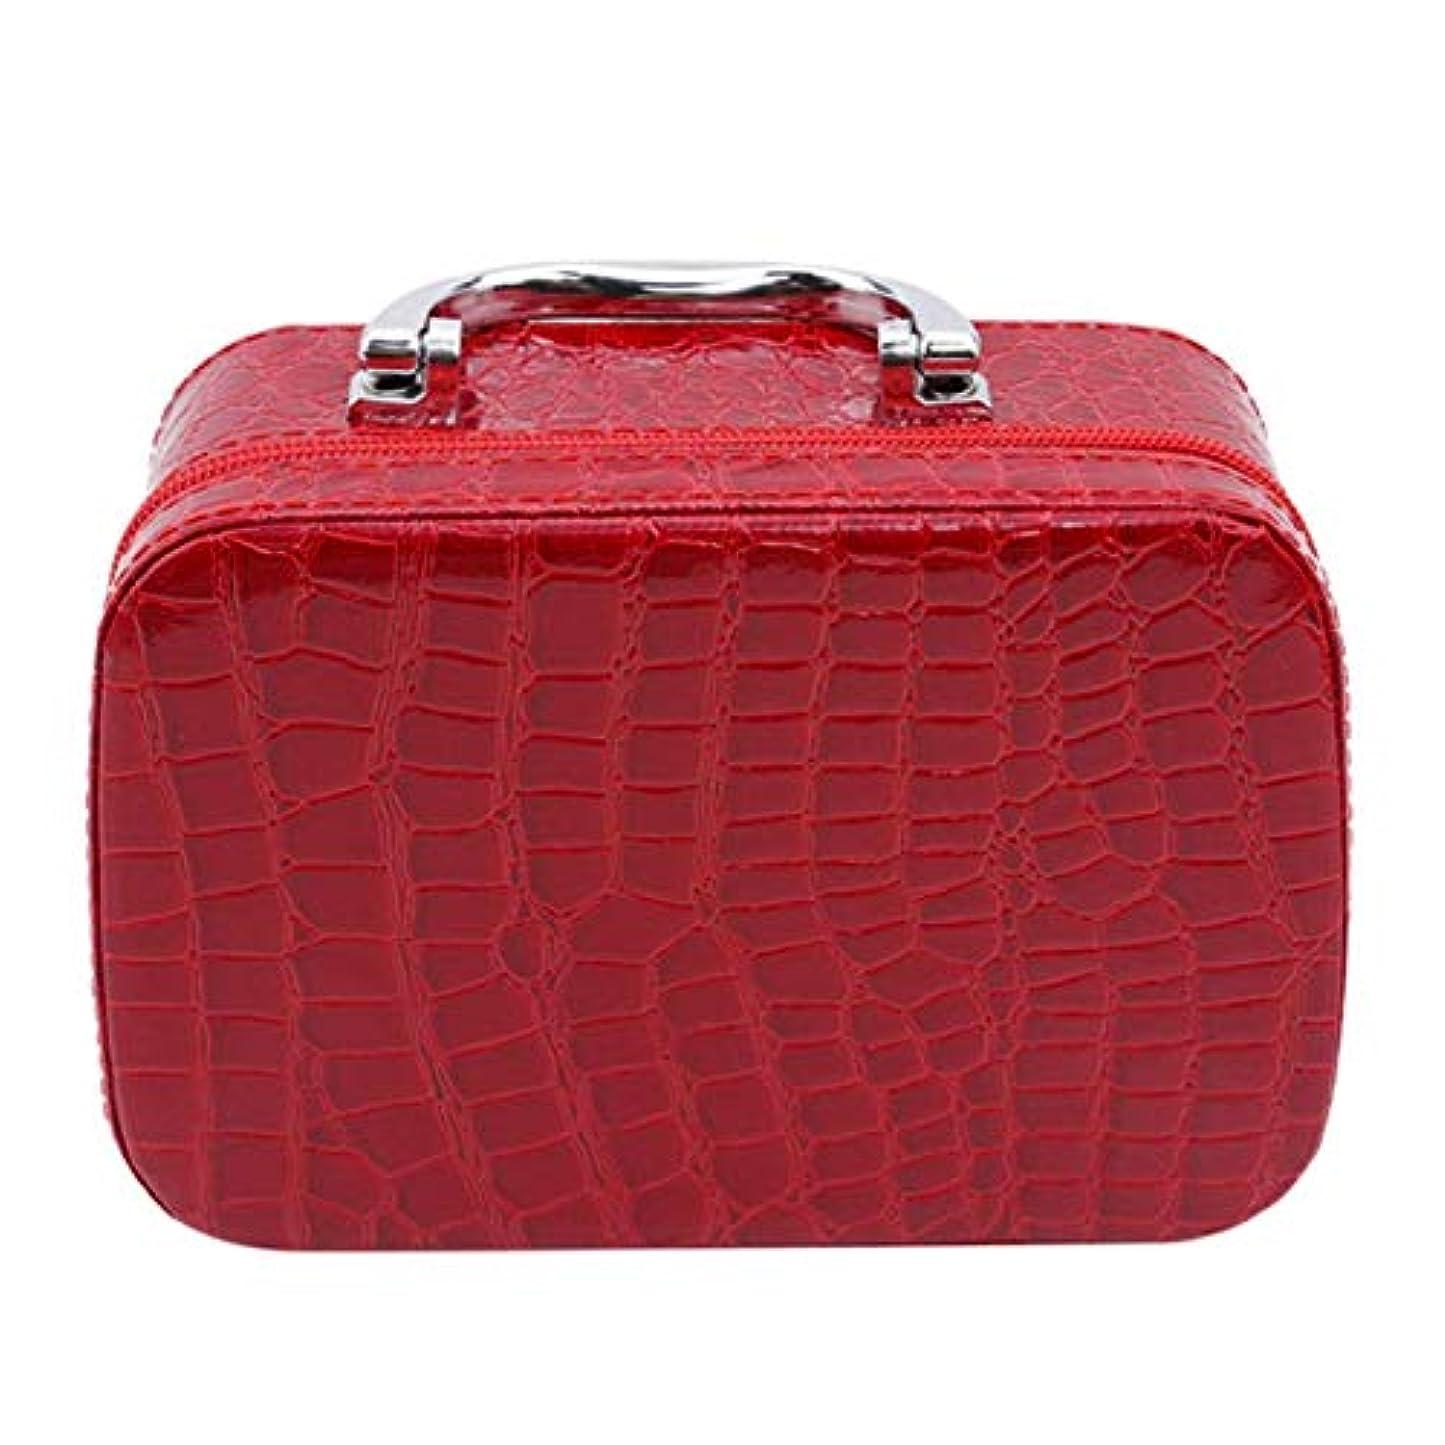 核次がんばり続ける1st market ミラーが付いている優れた旅行携帯用化粧品袋のオルガナイザーの女性の化粧品の箱